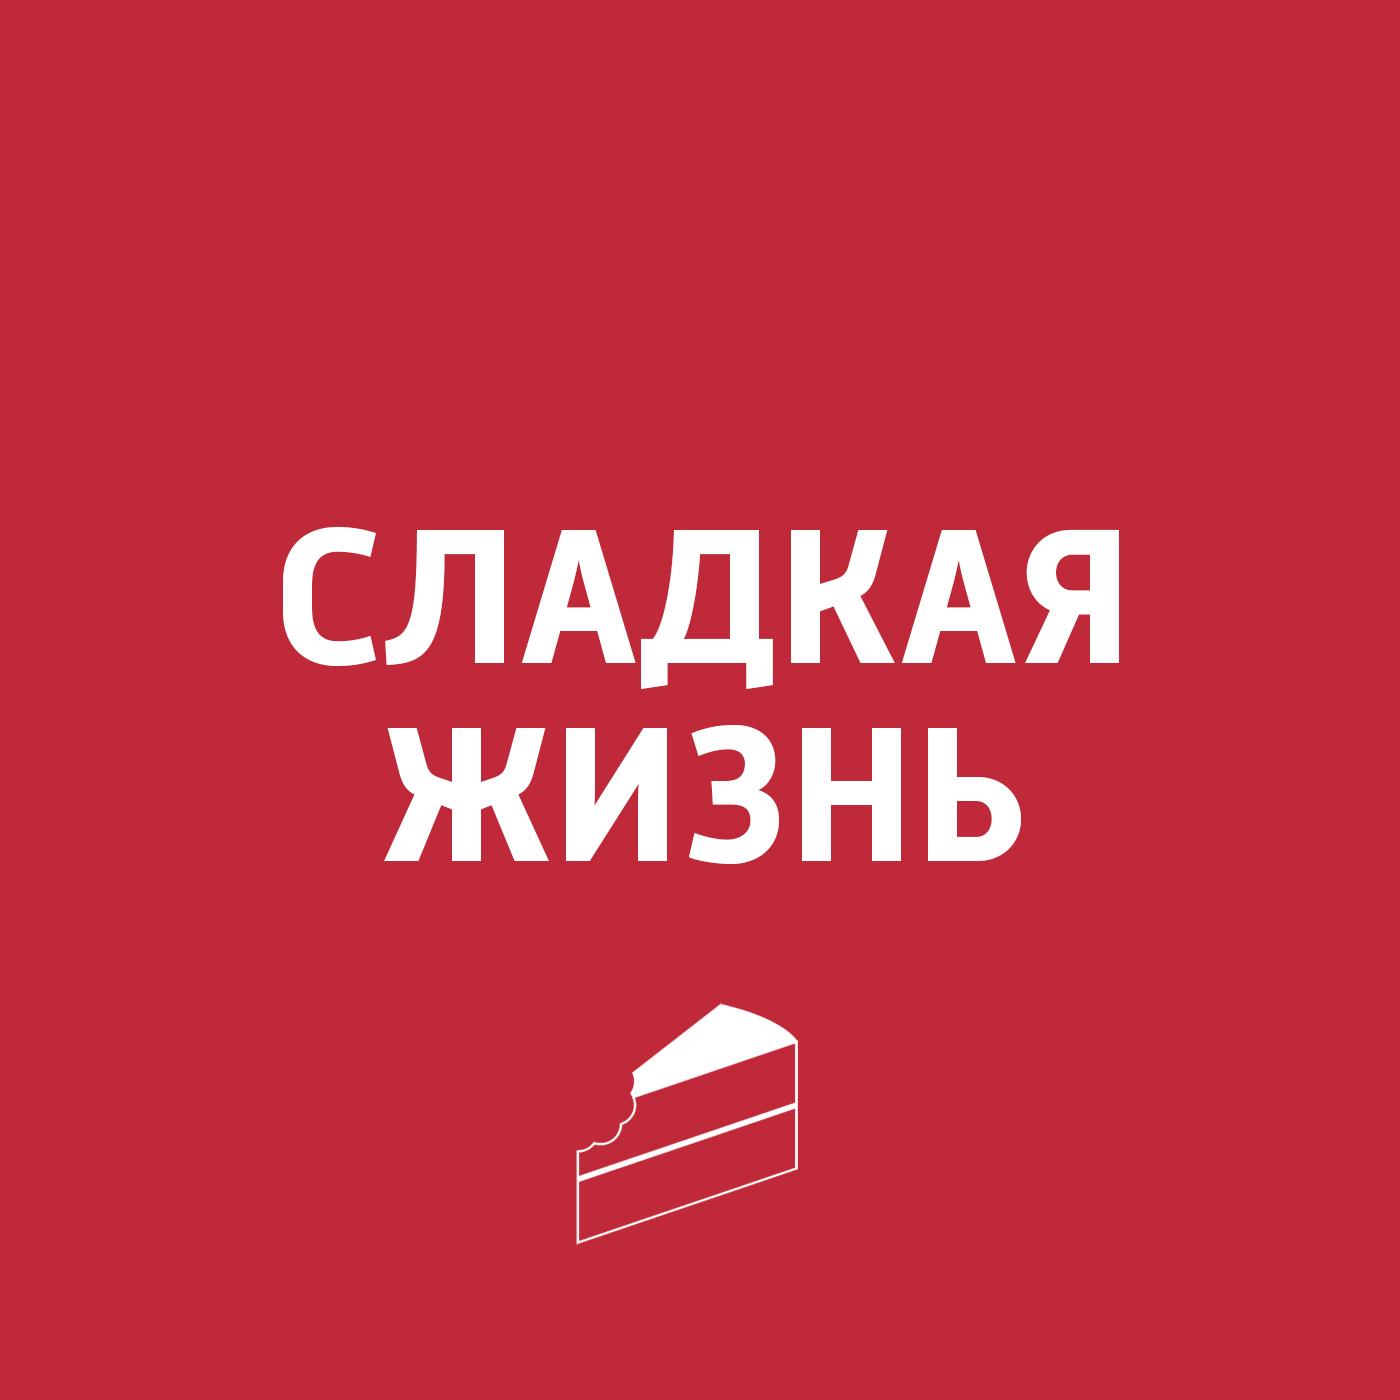 Картаев Павел Чуррос картаев павел сырники